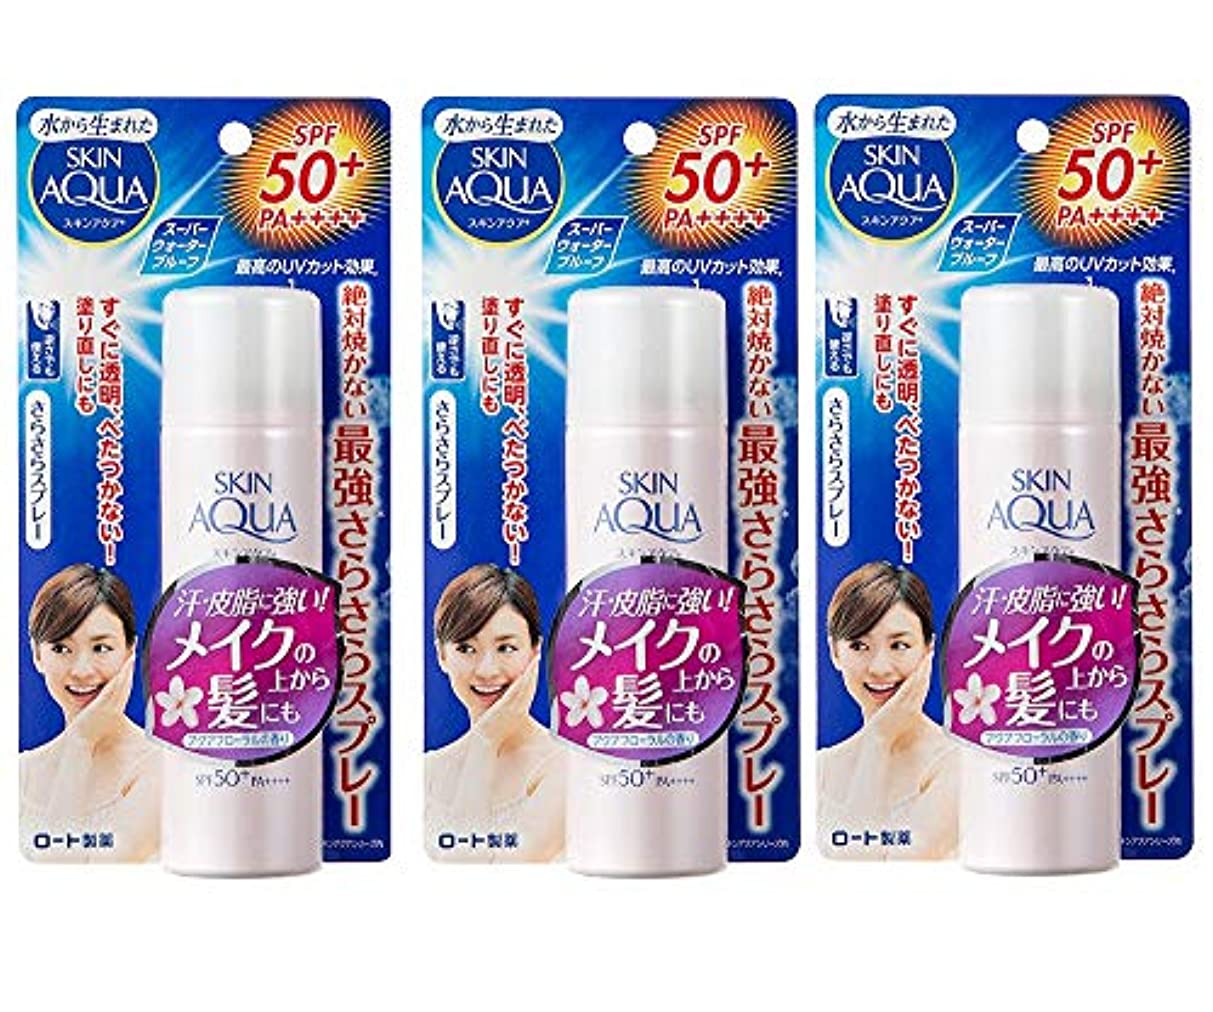 マットレス極端な短くする(ロート)スキンアクア サラフィットUV さらさらスプレー(SPF50+/PA++++)アクアフローラルの香り50g(お買い得3個セット)